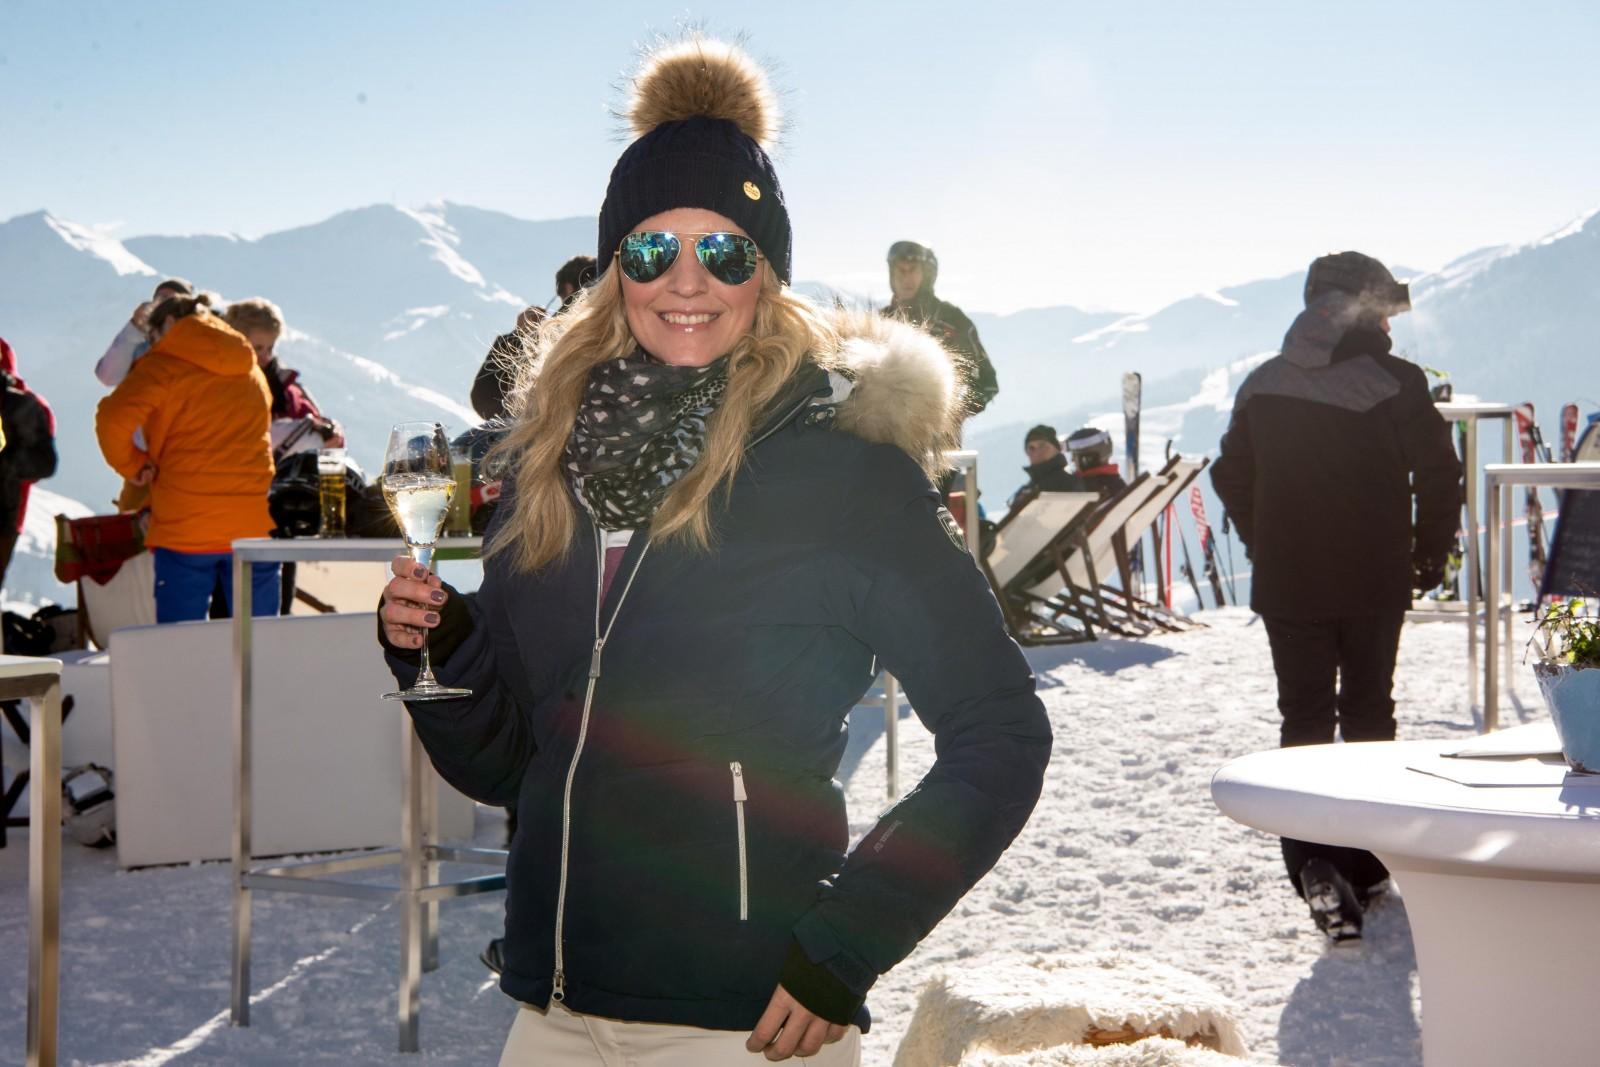 c Edith Danzer Party im Schnee